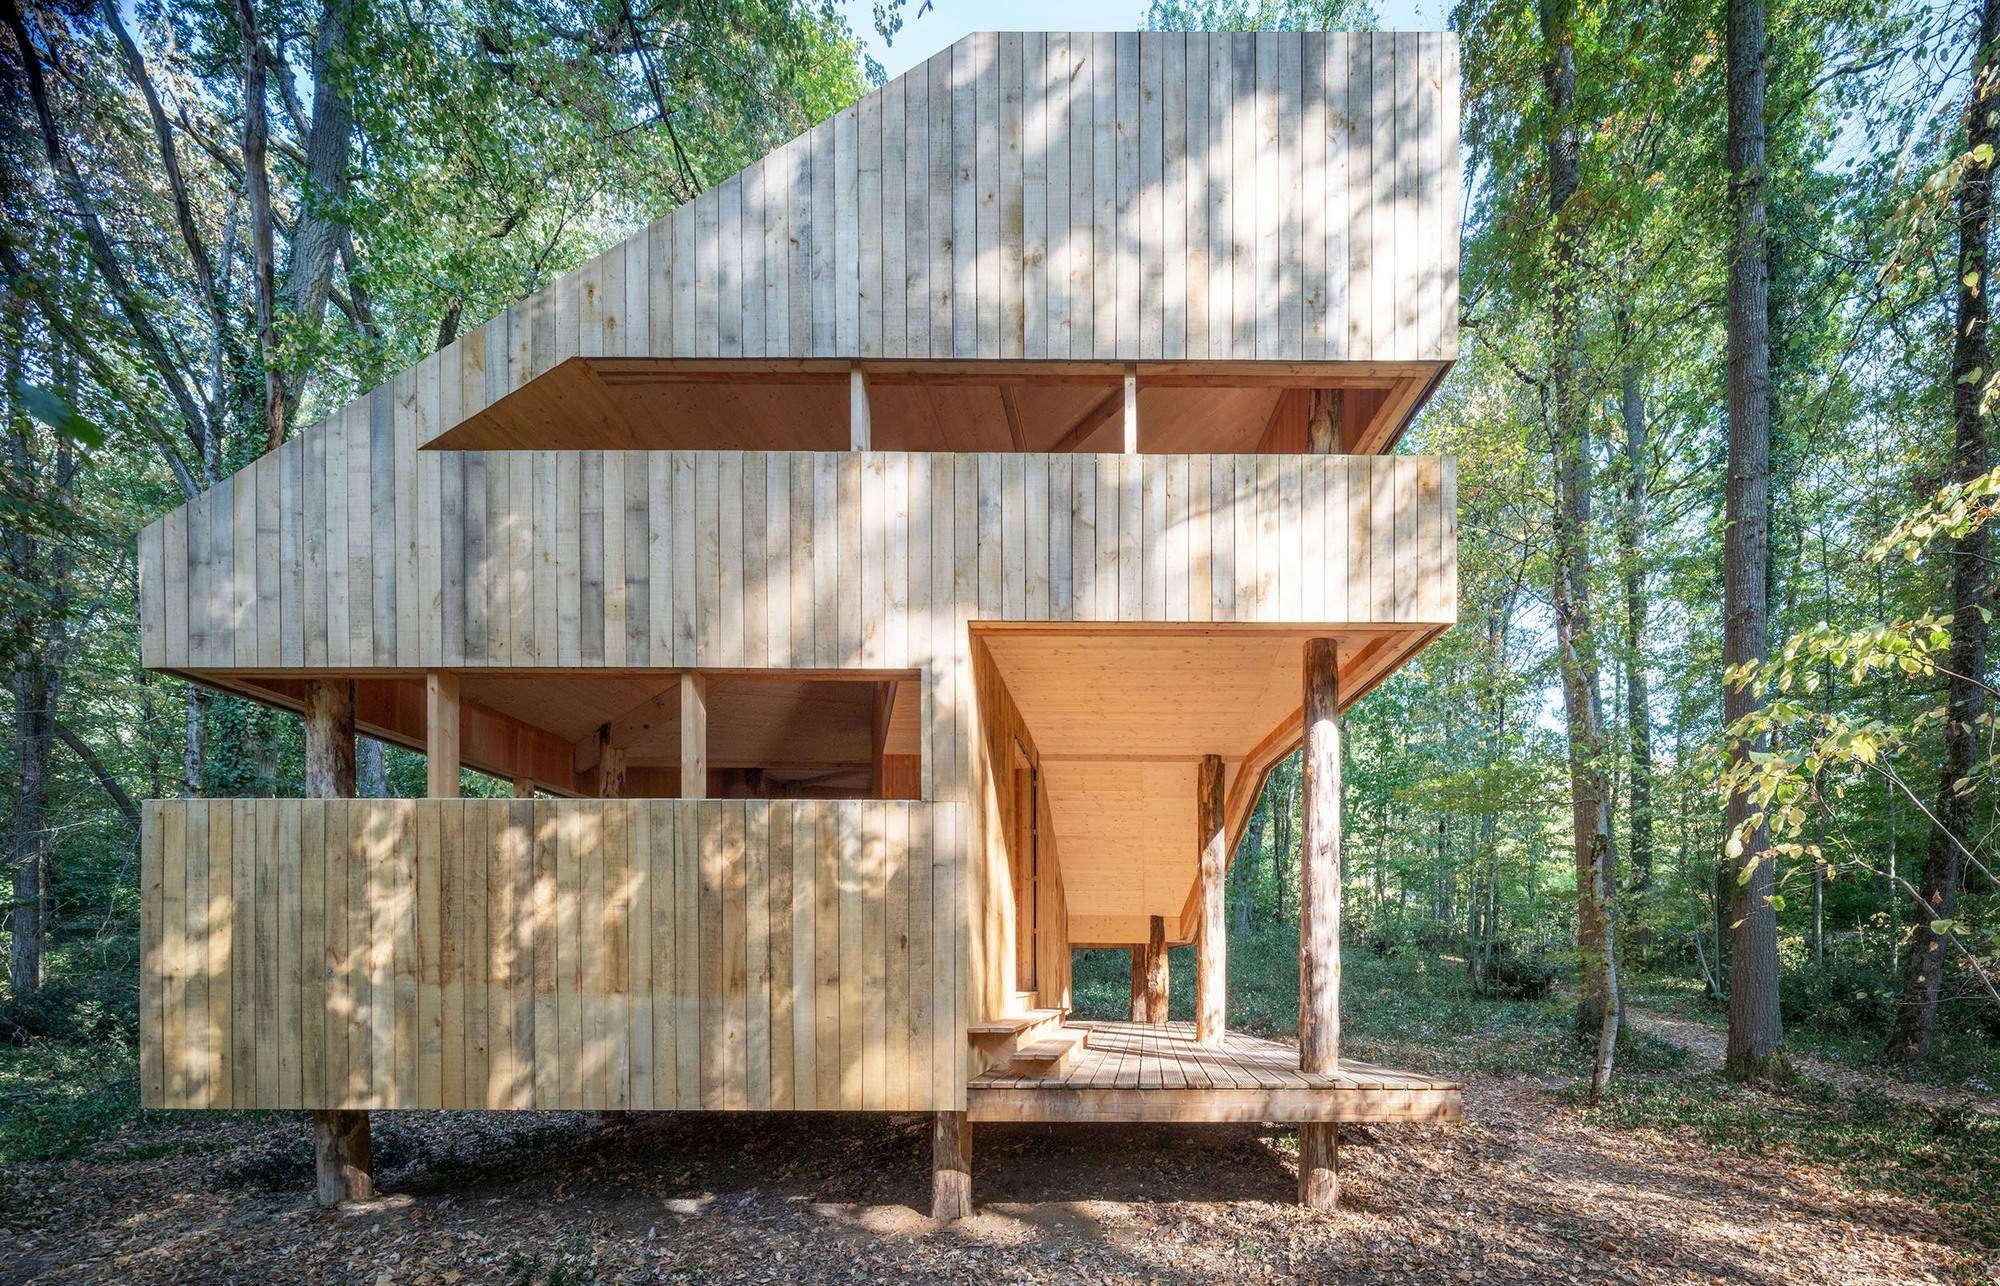 Сборный «100% деревянный дом» в парке замка Бурдезьер, Франция